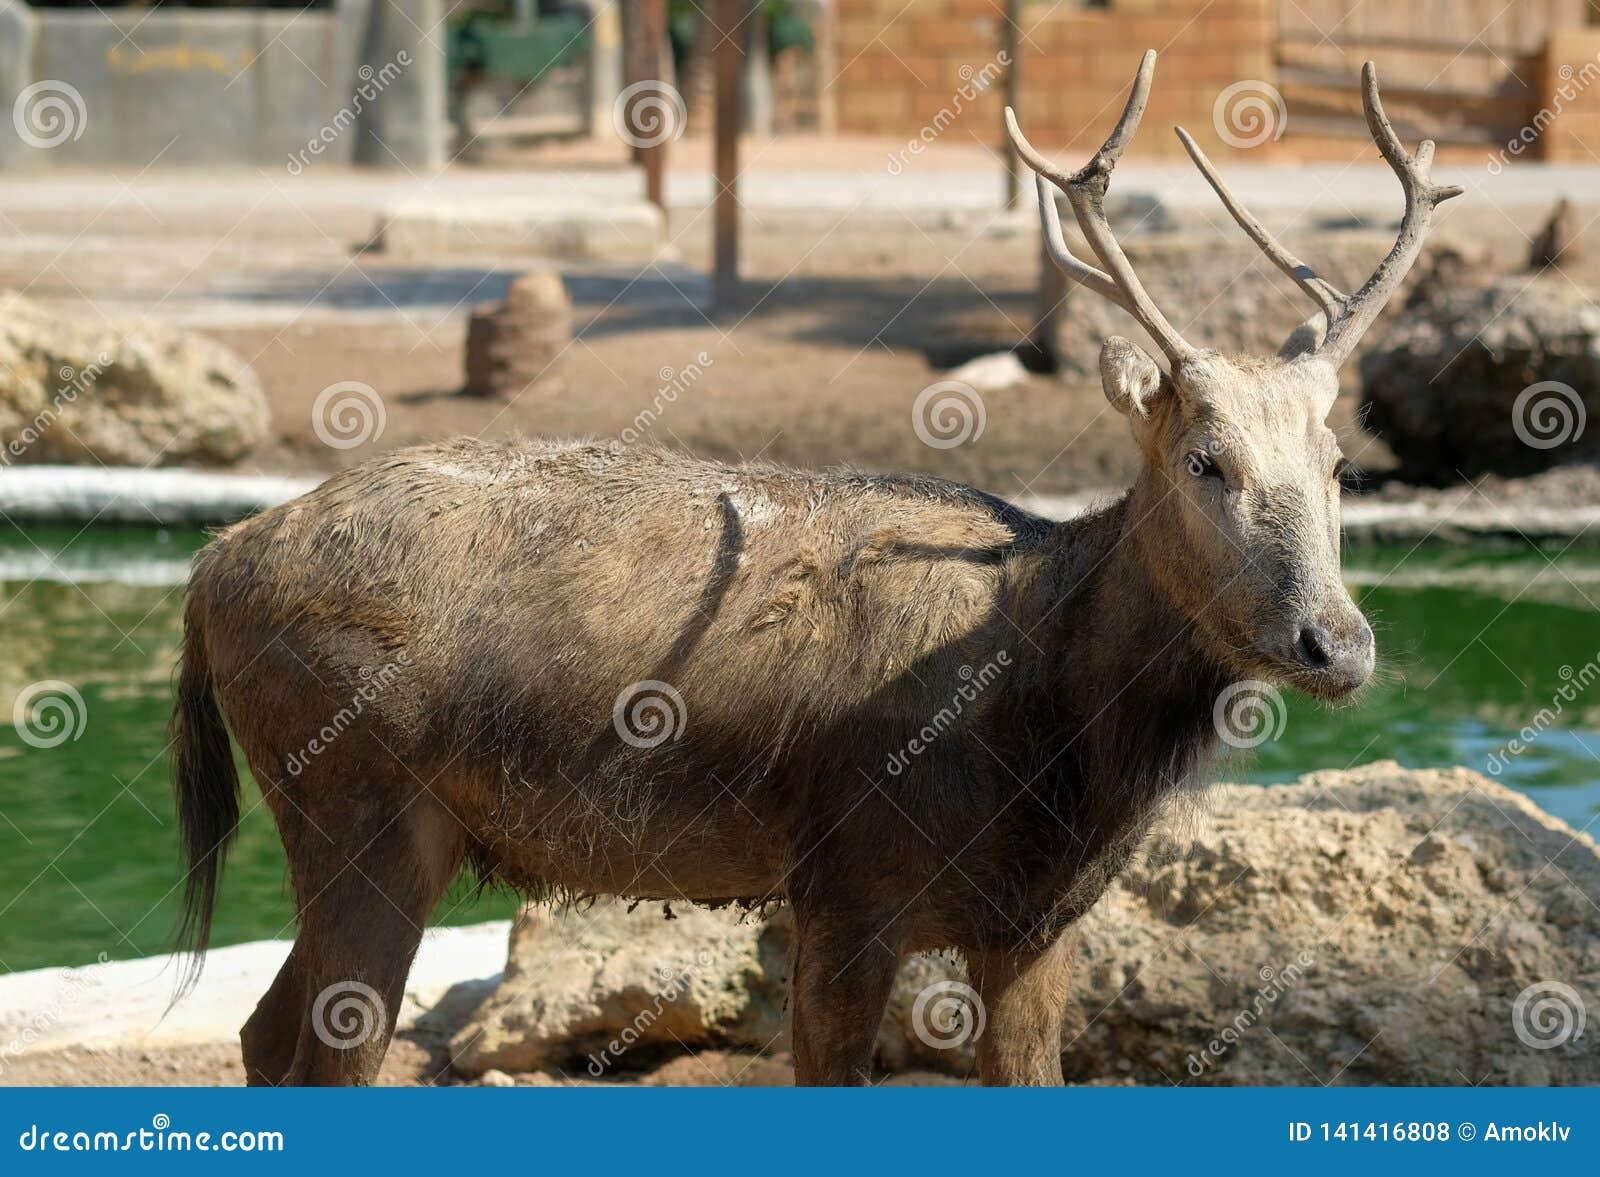 Horned deer standing outdoors